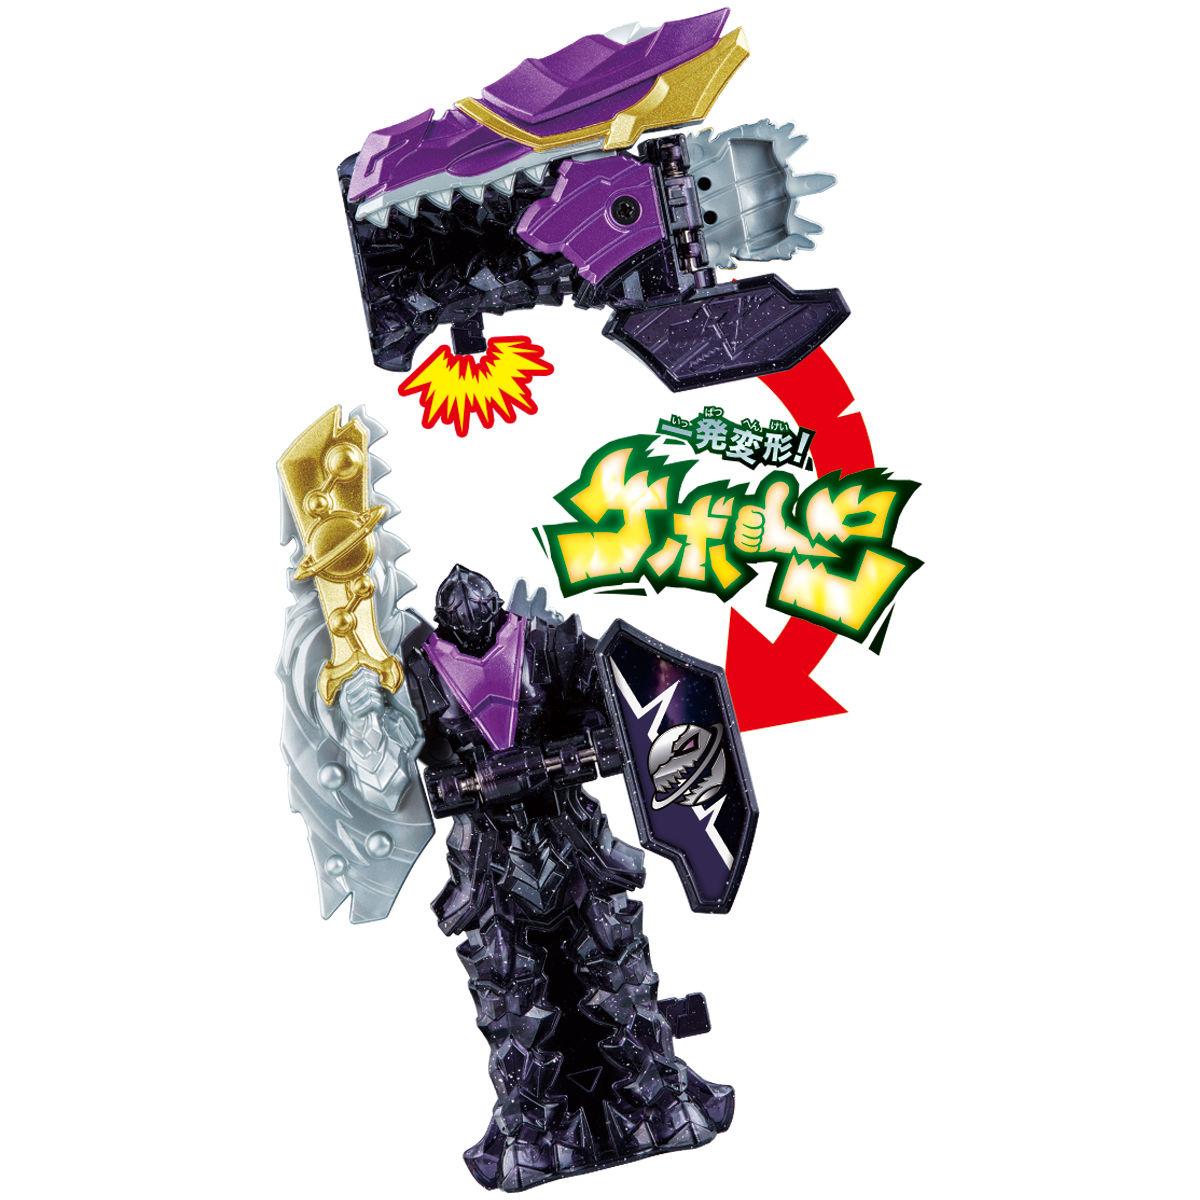 騎士竜戦隊リュウソウジャー『騎士竜シリーズ08&09 DXシャインラプター&シャドーラプターセット』可変可動フィギュア-007